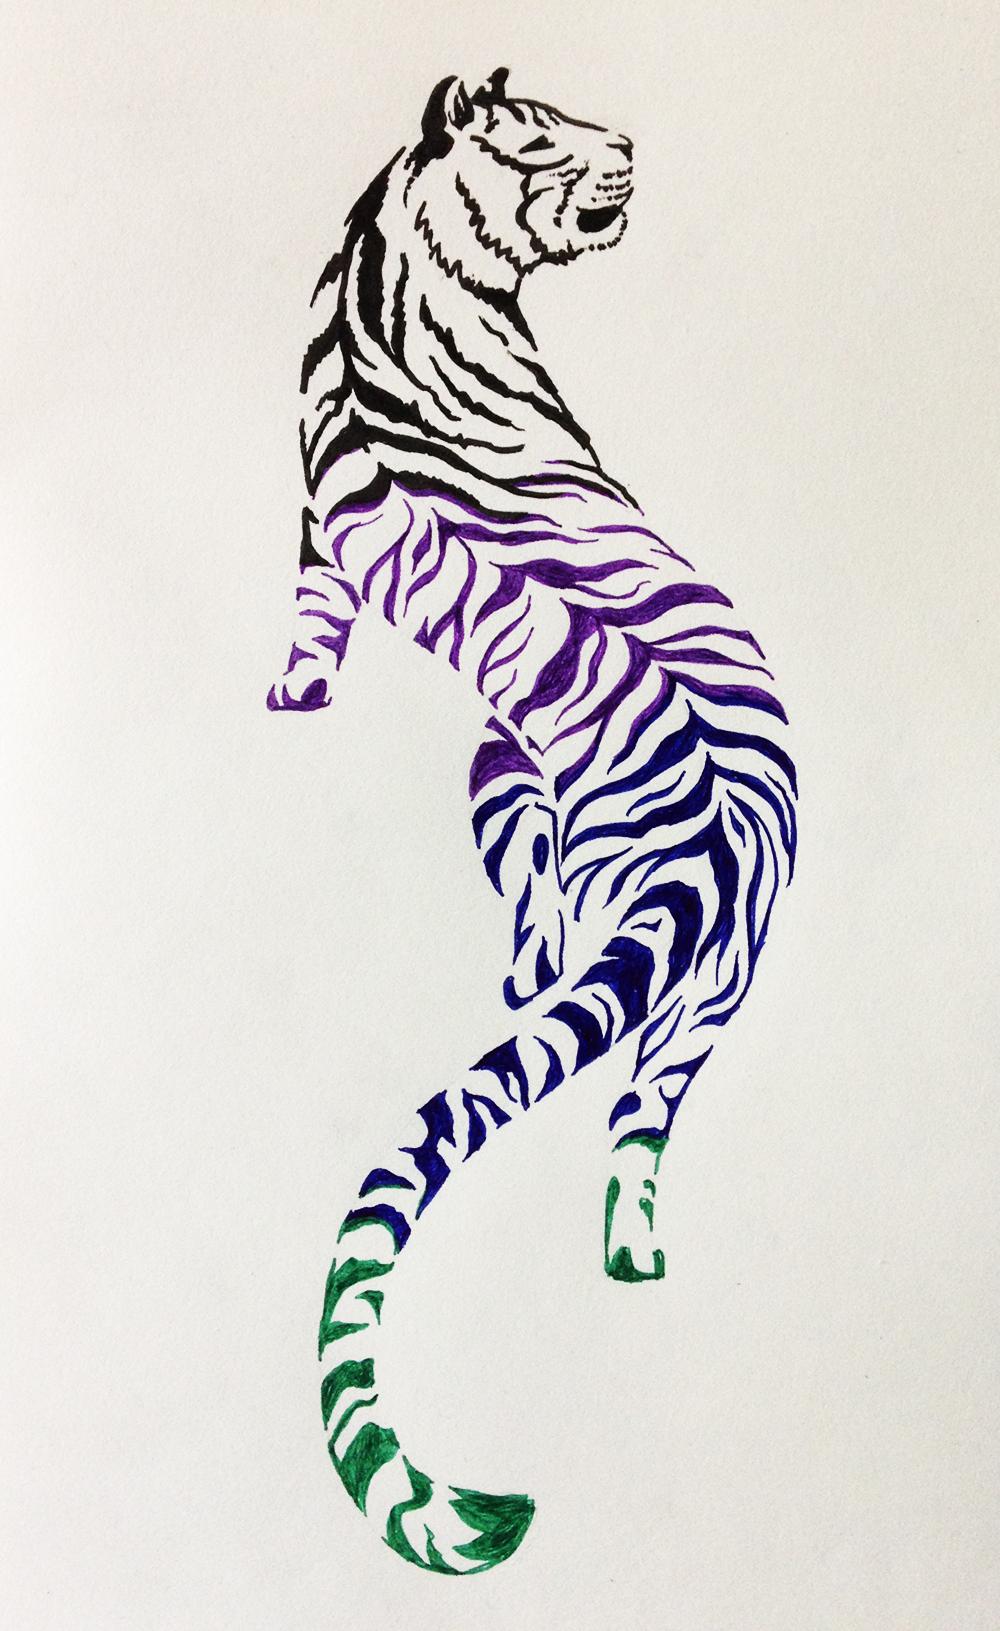 tiger tattoo design 2 by noreydragon on deviantart. Black Bedroom Furniture Sets. Home Design Ideas